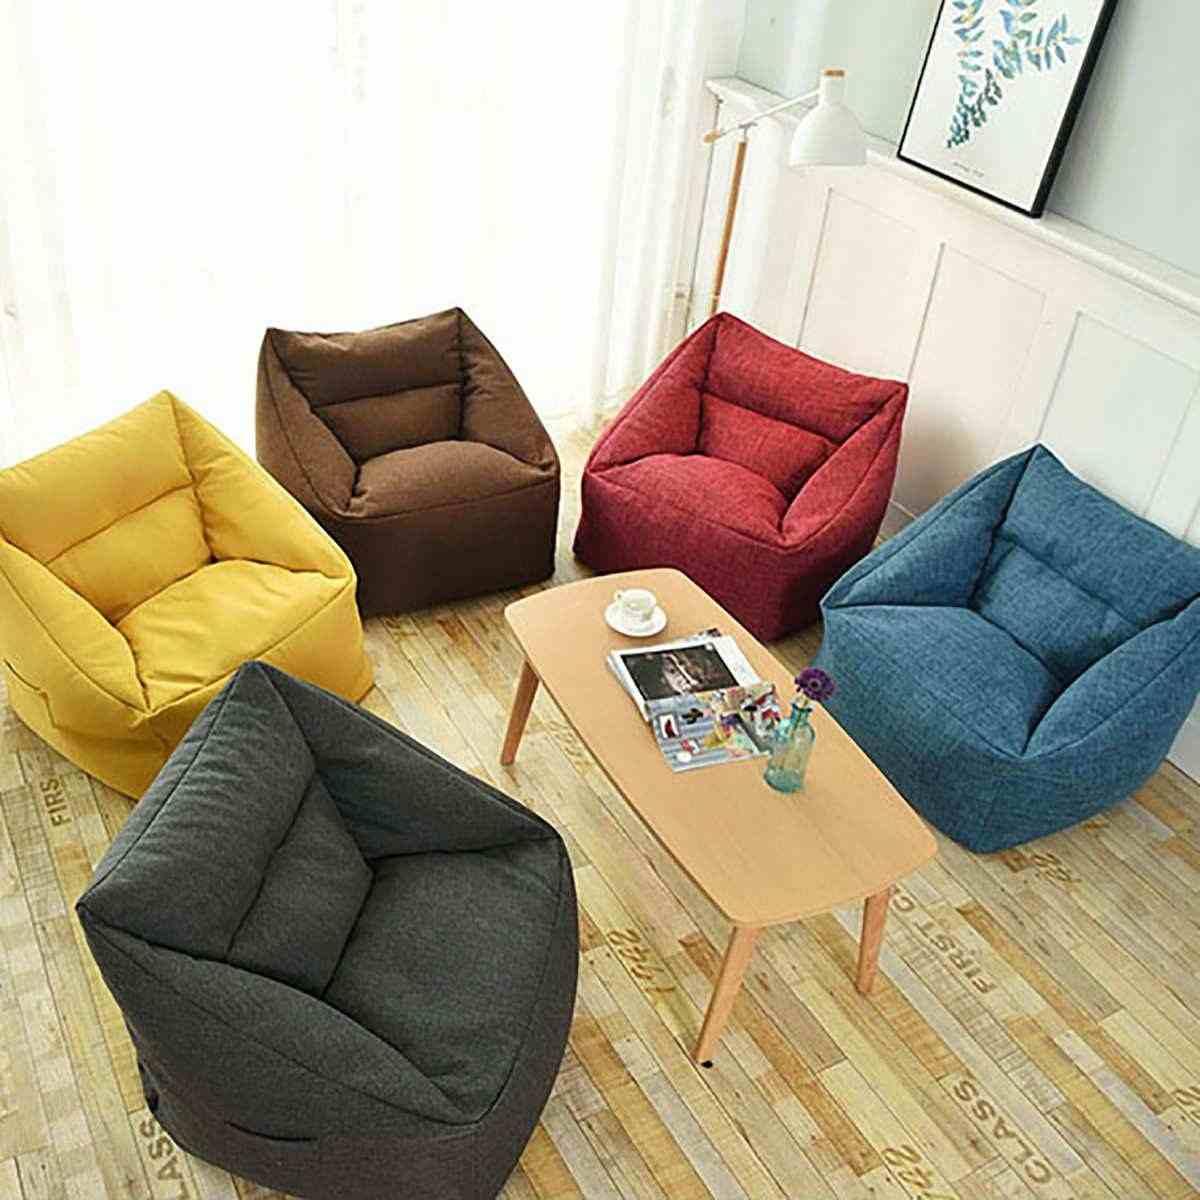 2019 непромокаемый бобовый мешок ленивый диван Крытый сиденья чехлы для стульев погремушка диваны большое Кресло-мешок кресло моющиеся уютные игры желтый